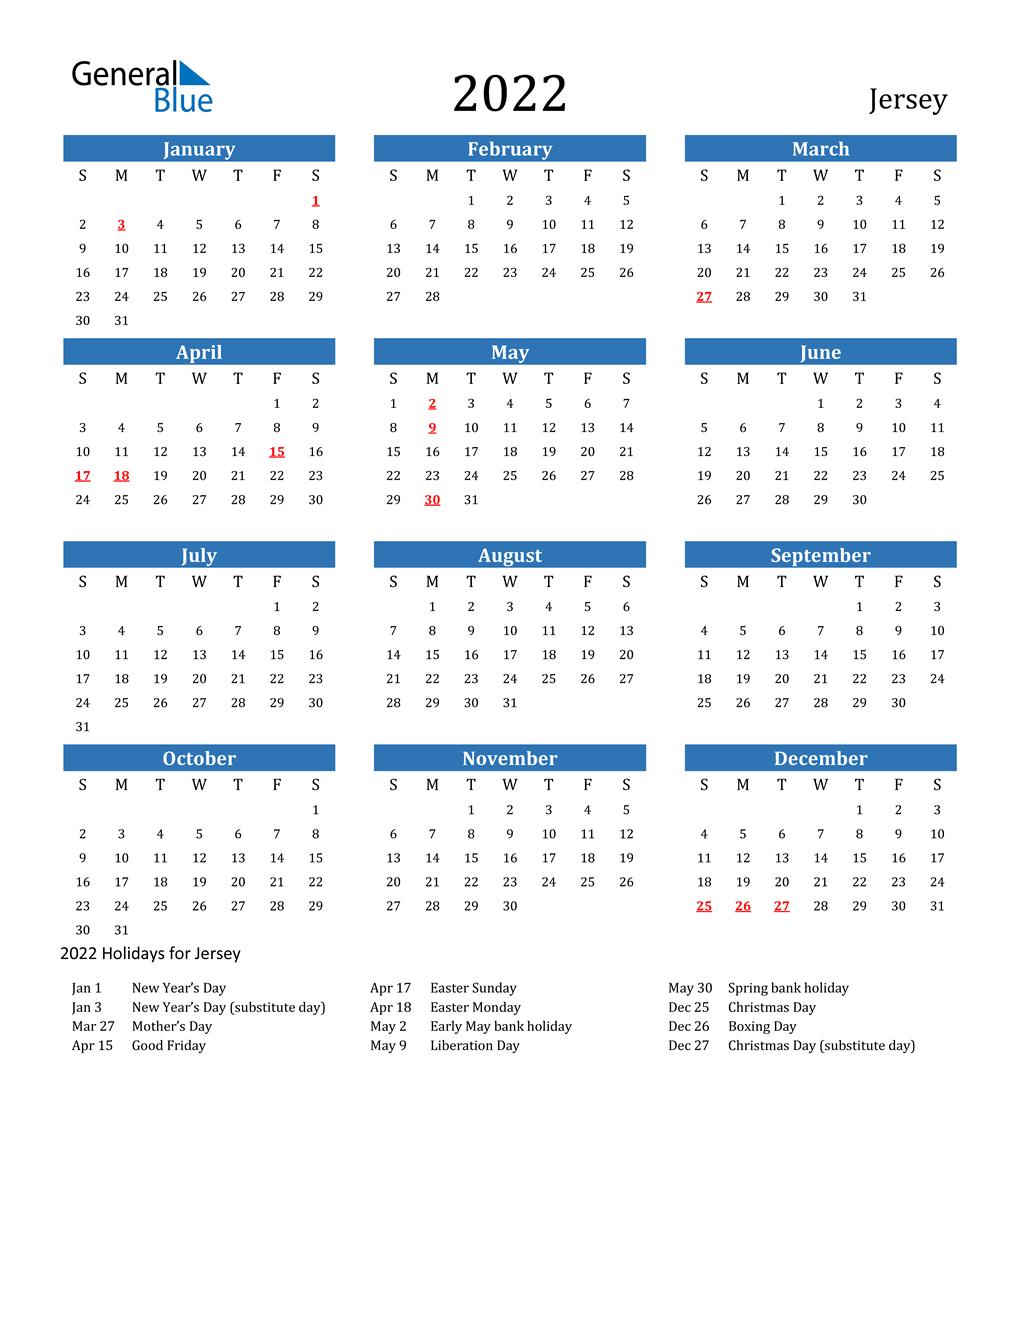 Njit Spring 2022 Calendar.2022 Jersey Calendar With Holidays